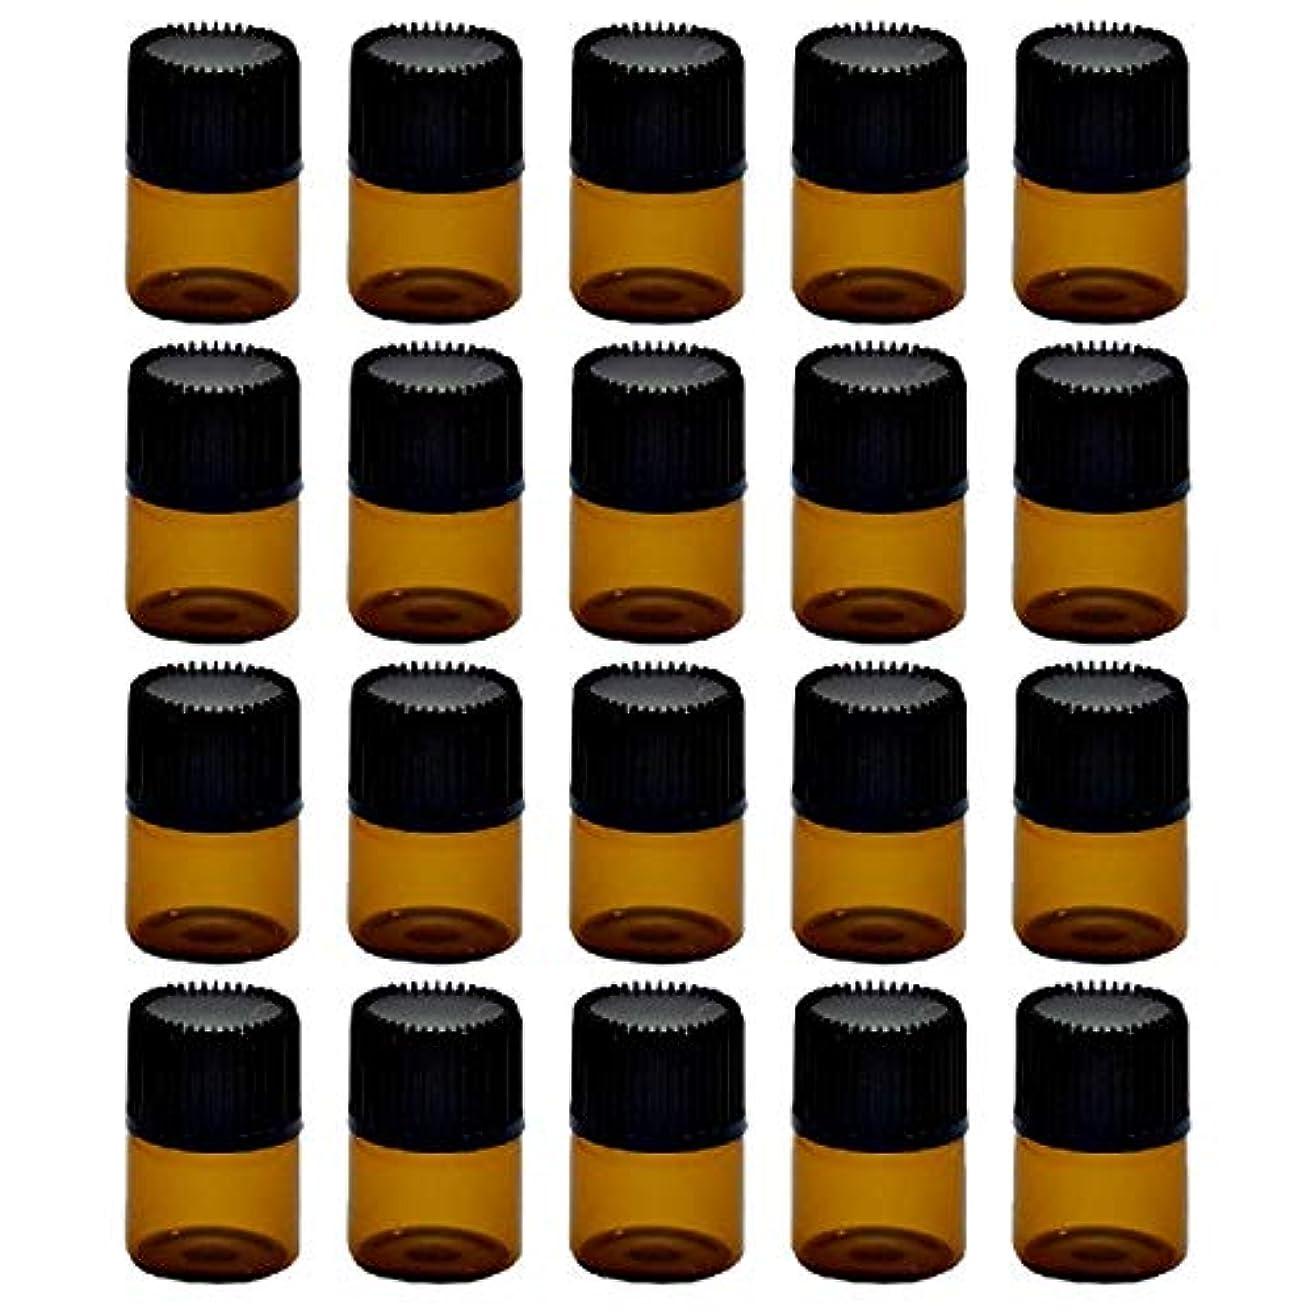 到着庭園出血ZERONOWA 遮光瓶 アロマオイル 精油 小分け 保存 詰め替え 遮光ガラス瓶 (1ml20個セット)